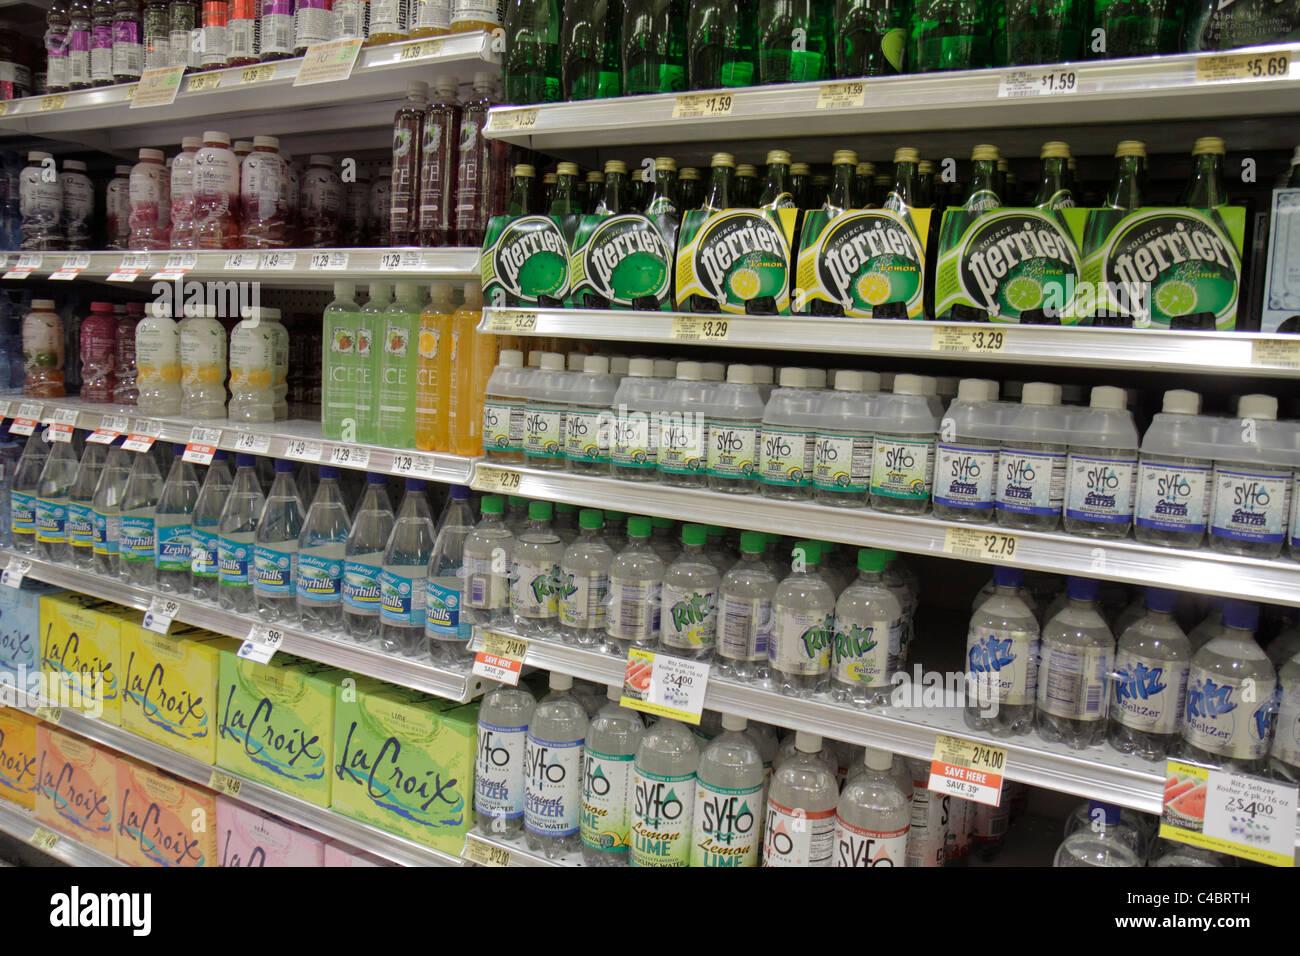 Ocala Florida Publix fruttivendolo supermercato display retail il confezionamento di marche concorrenti acqua imbottigliata Immagini Stock